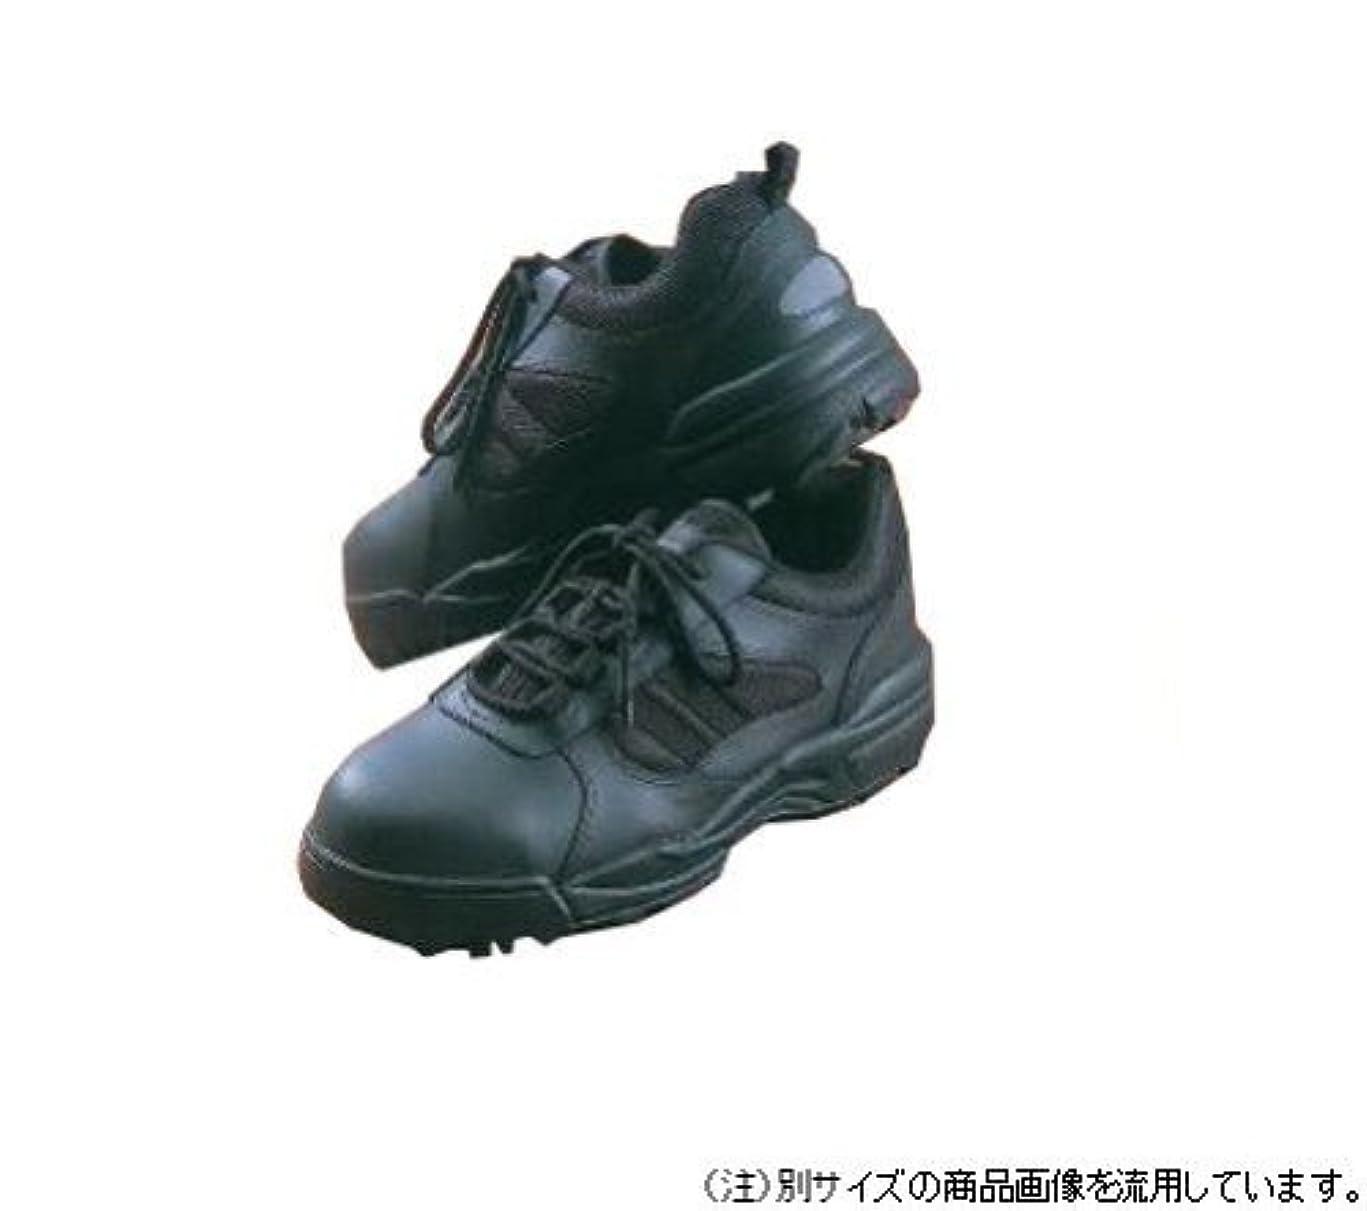 モッキンバードアンカークラッシュTOYO 安全シューズ 安全靴 (ひもタイプ) サイズ 26.0㎝ №ST-260